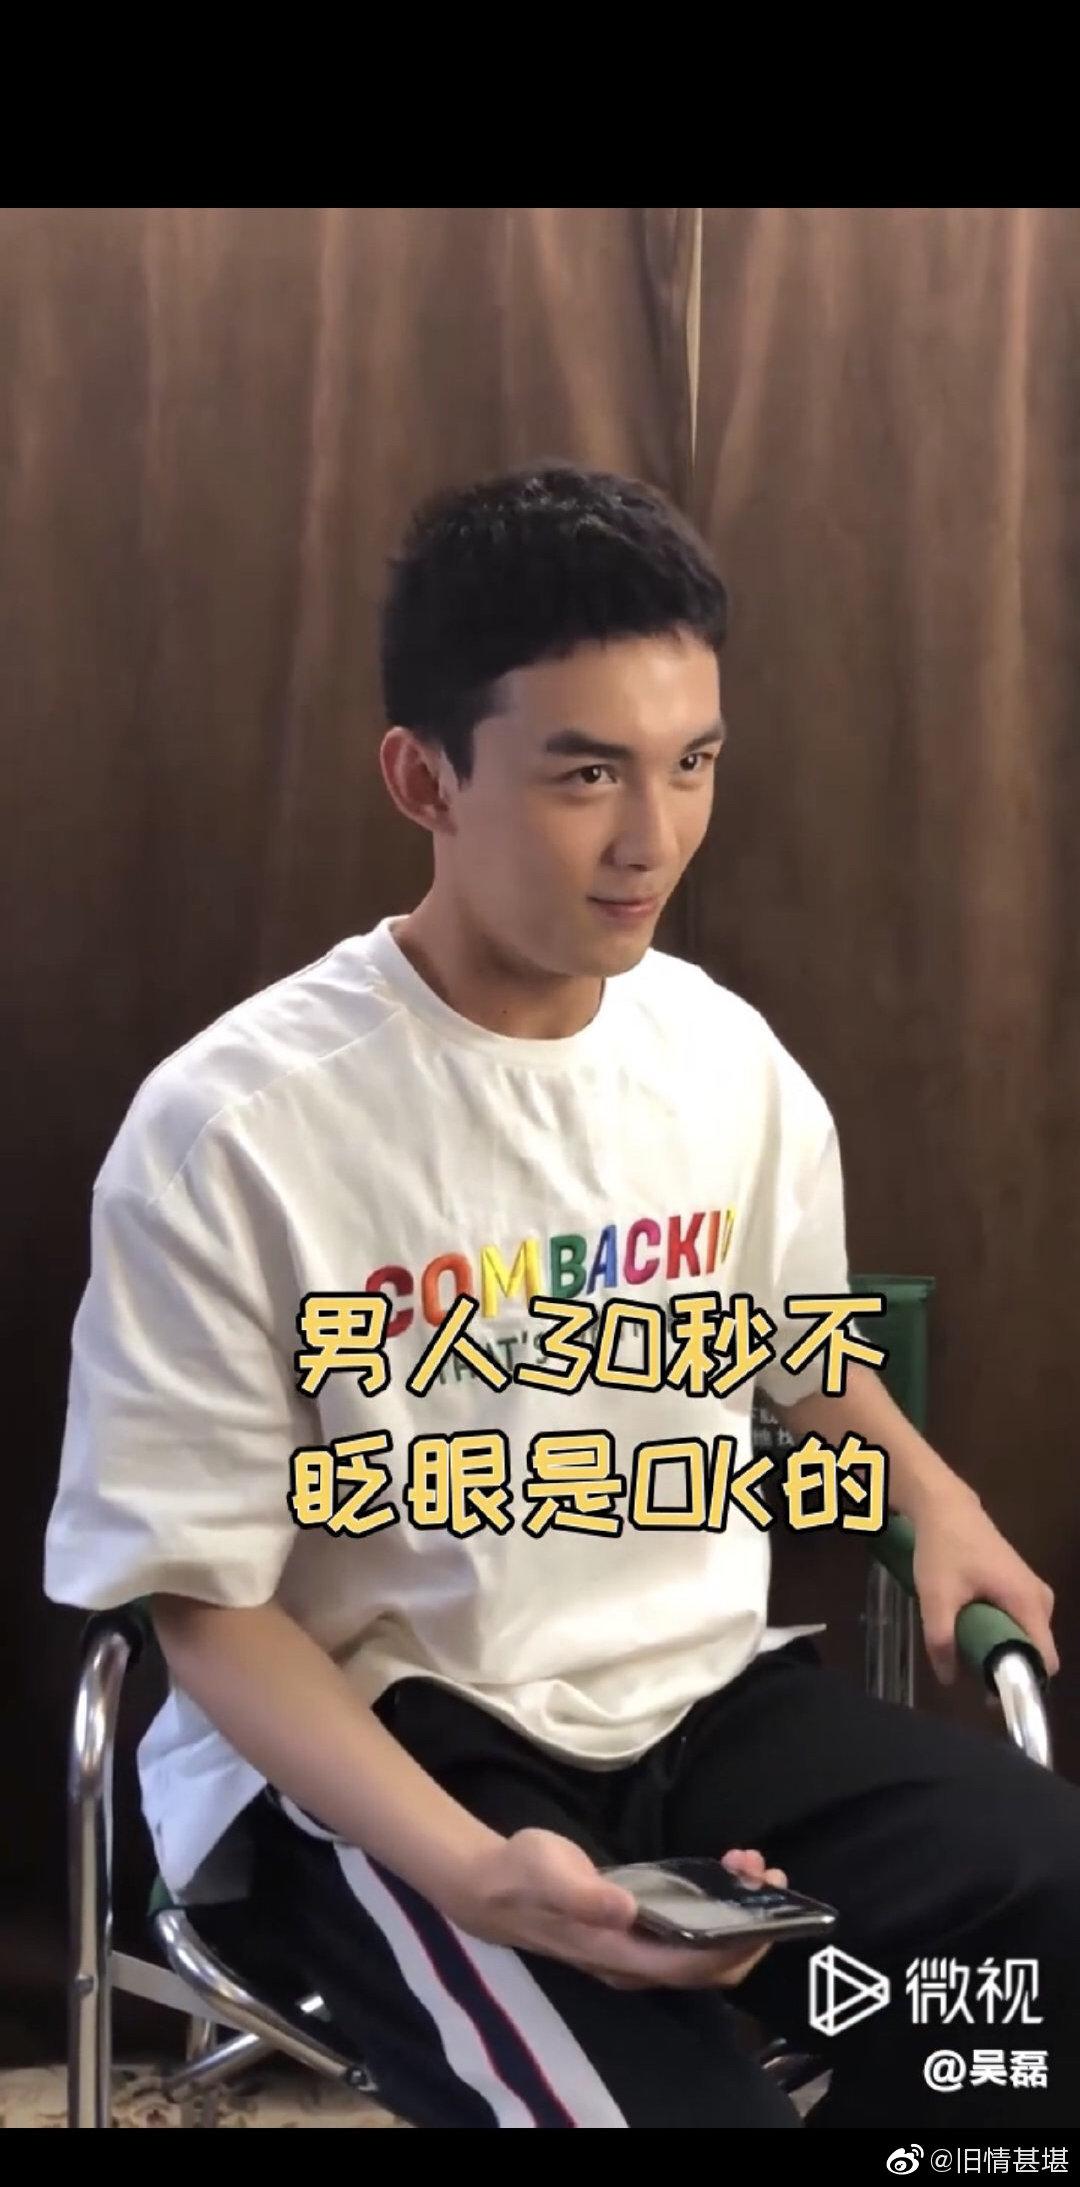 吴磊对铁血男儿执念是有多深呀好好好知道了是铁血真汉子霸王纯爷们